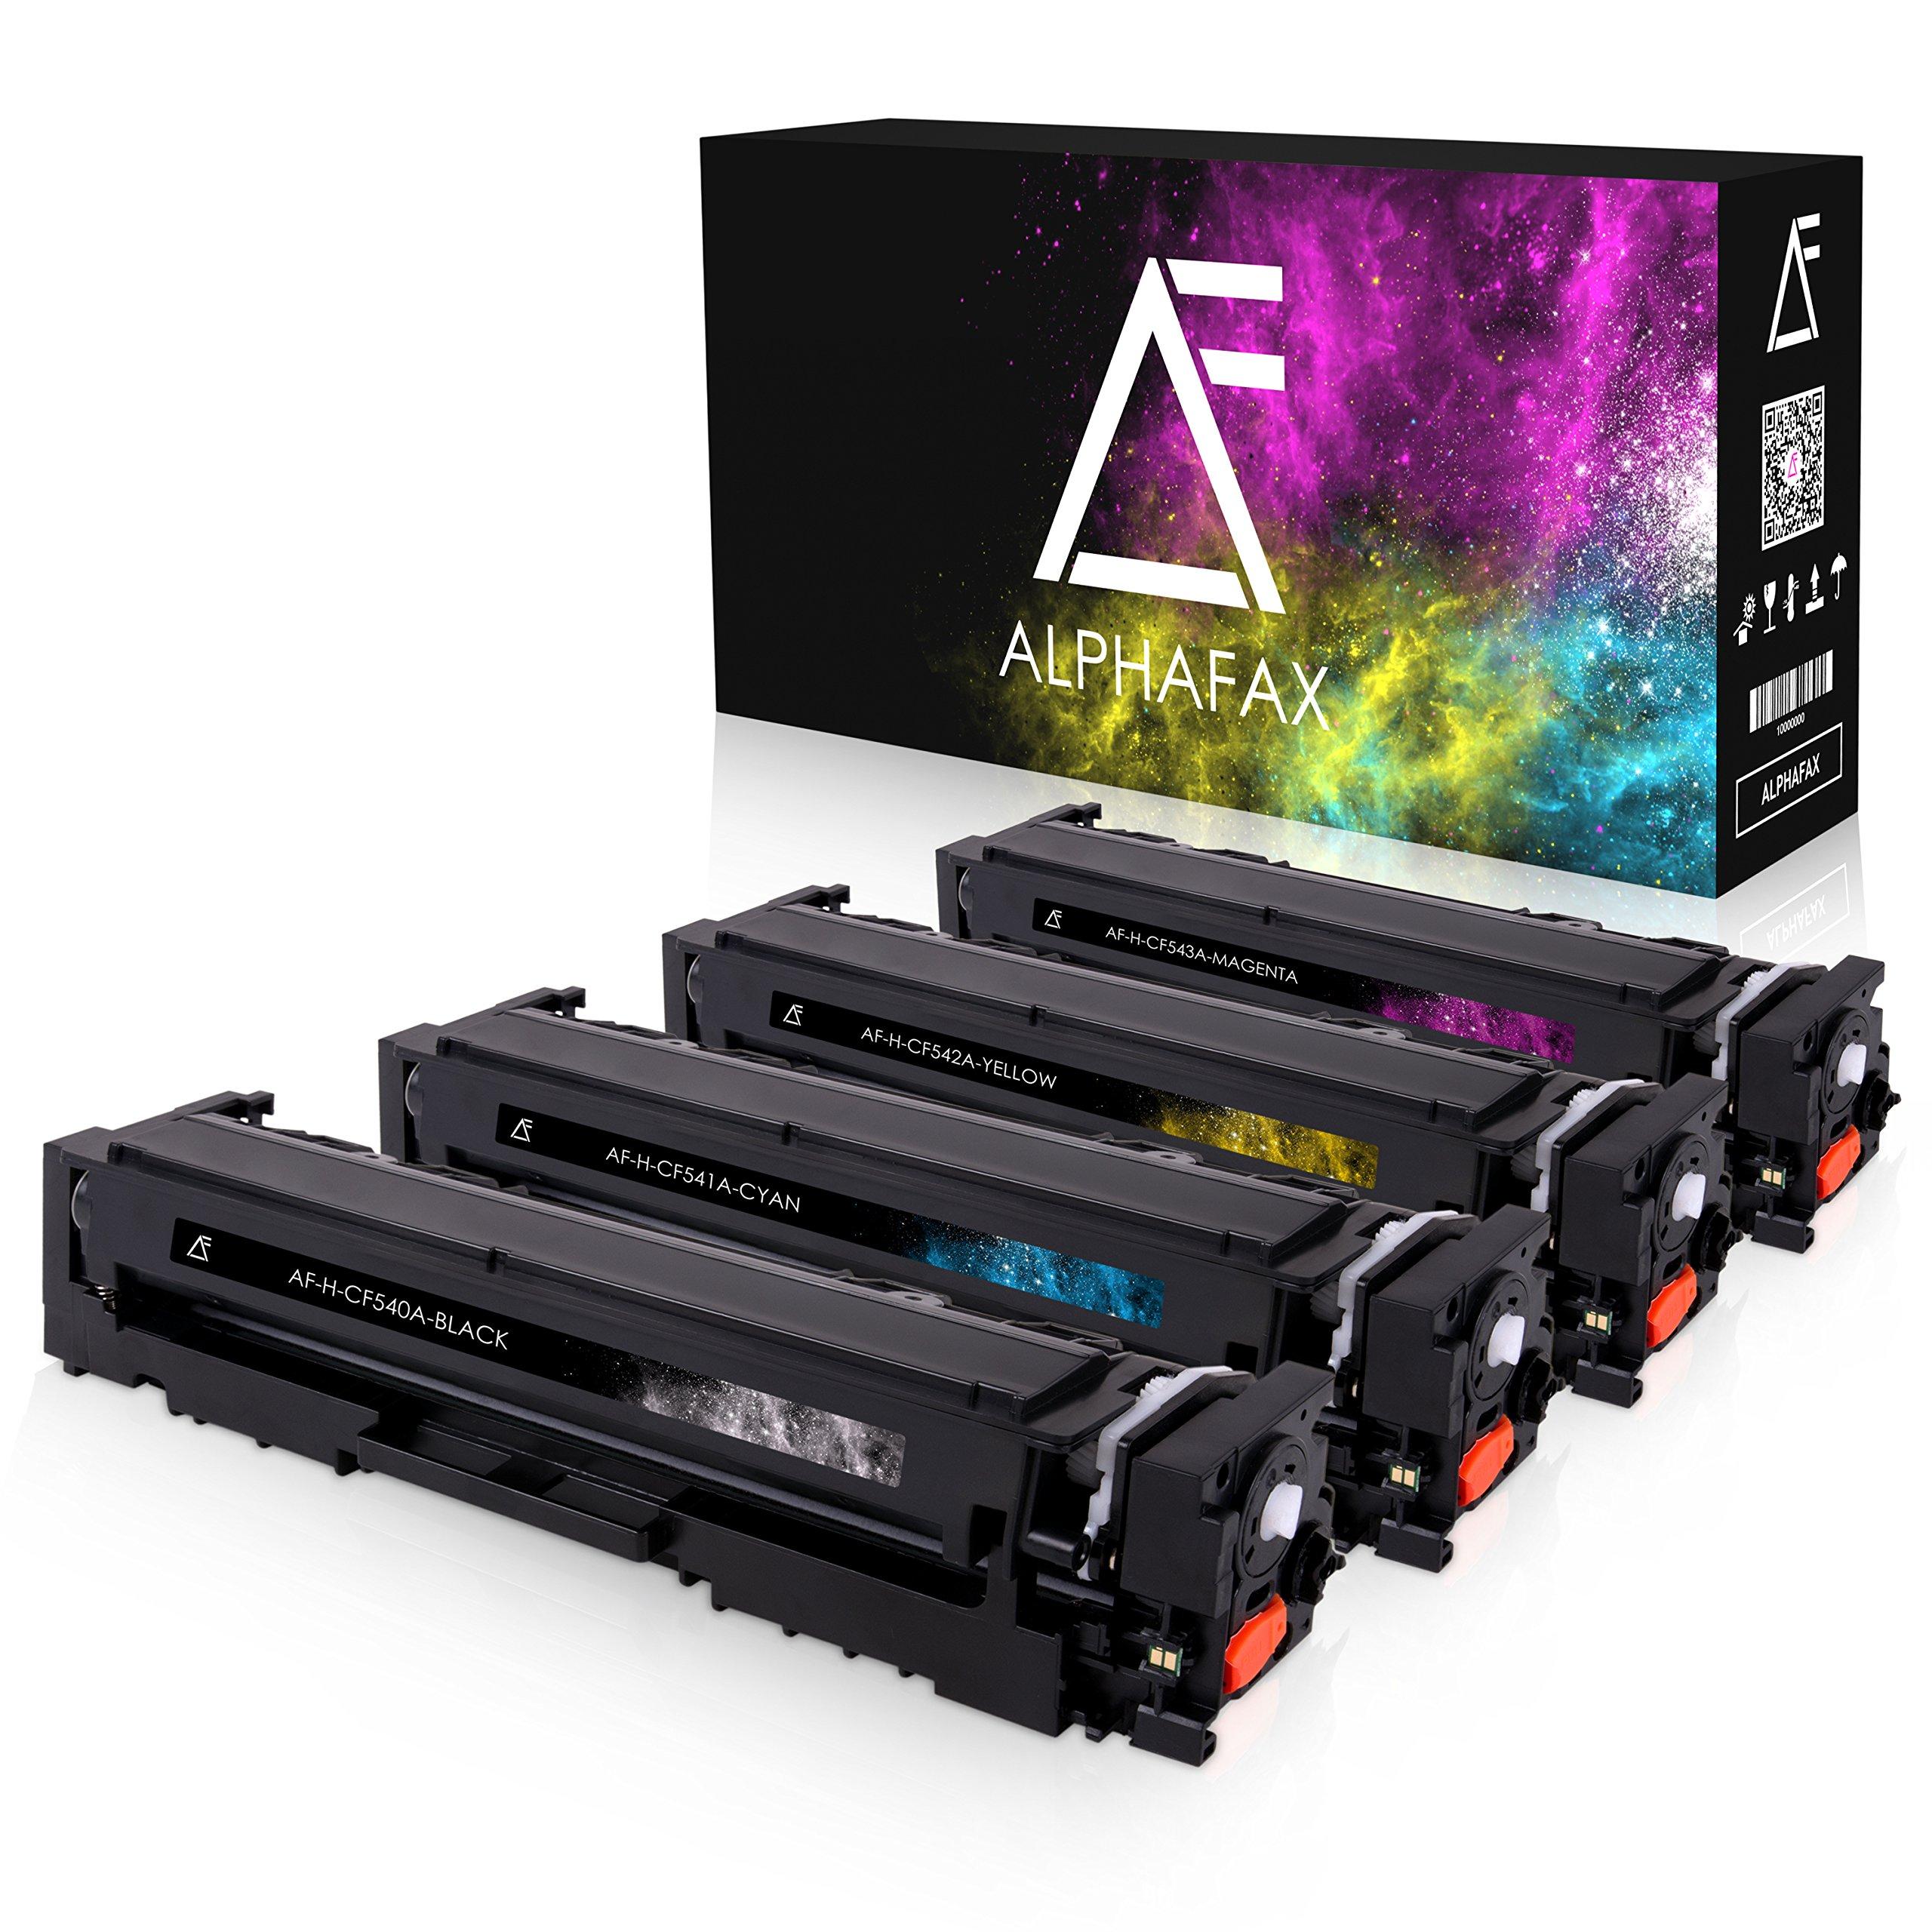 4-Alphafax-Toner-kompatibel-zu-HP-CF540A-CF543A-fr-Color-Laserjet-Pro-M-280nw-M-281fdn-M-281fdw-M-254nw-M-254dw-203A